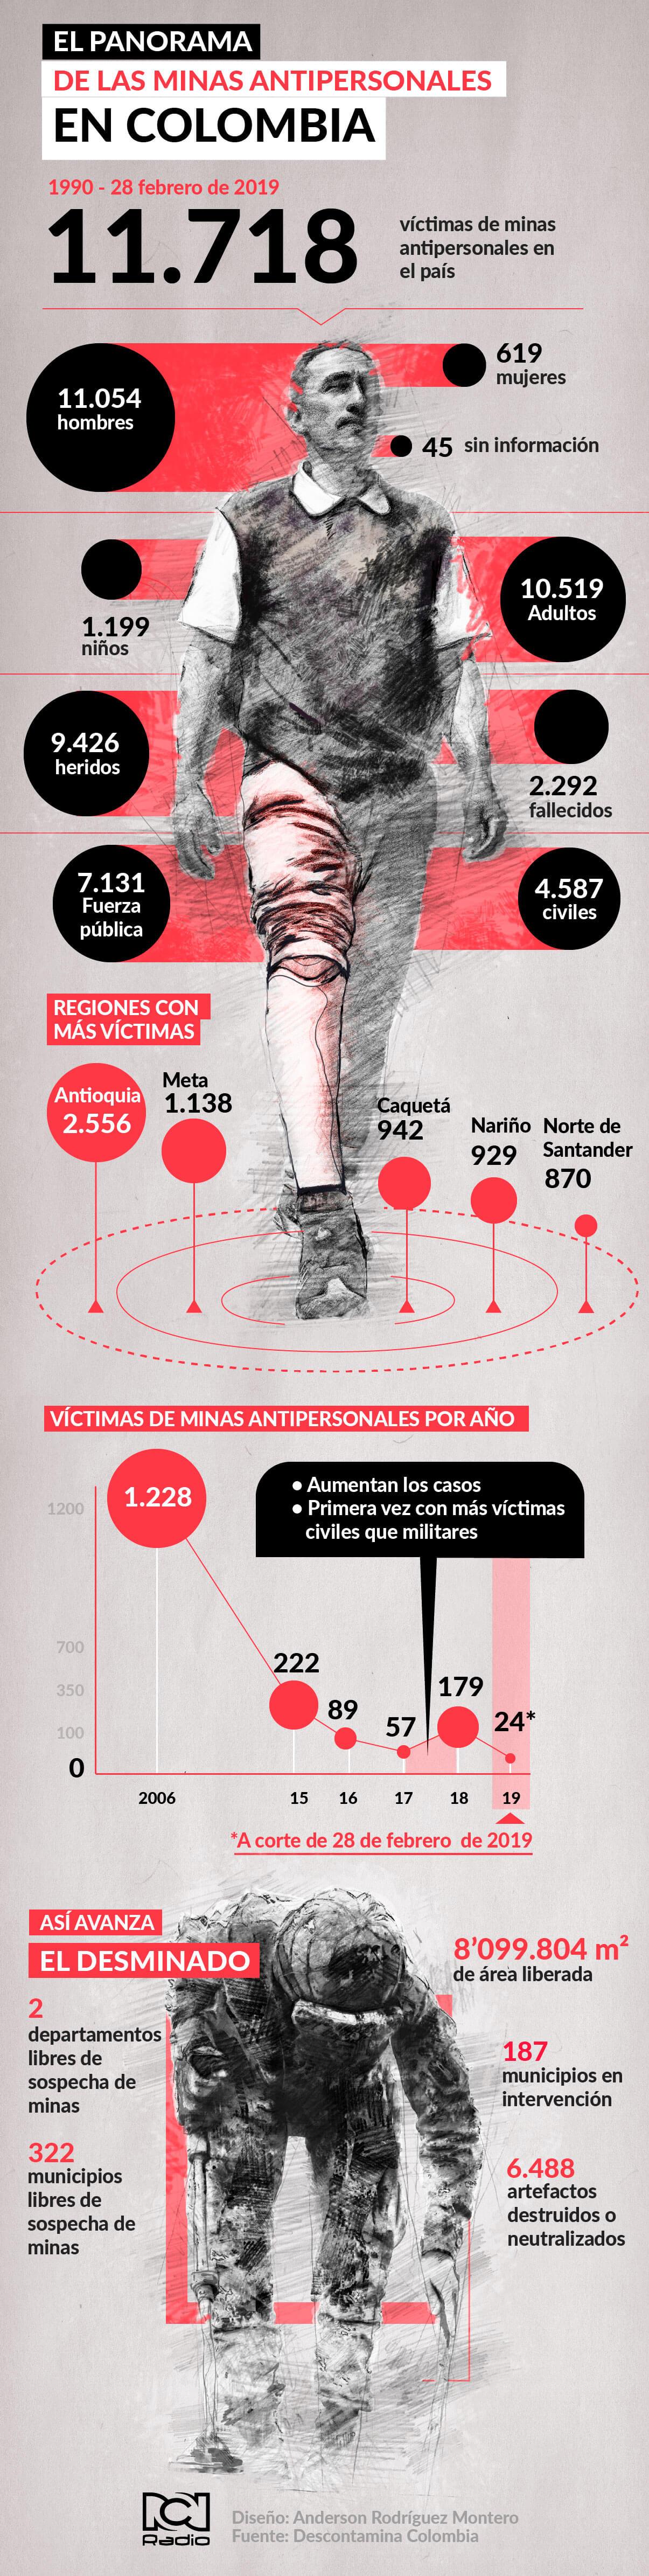 Infografía minas en Colombia